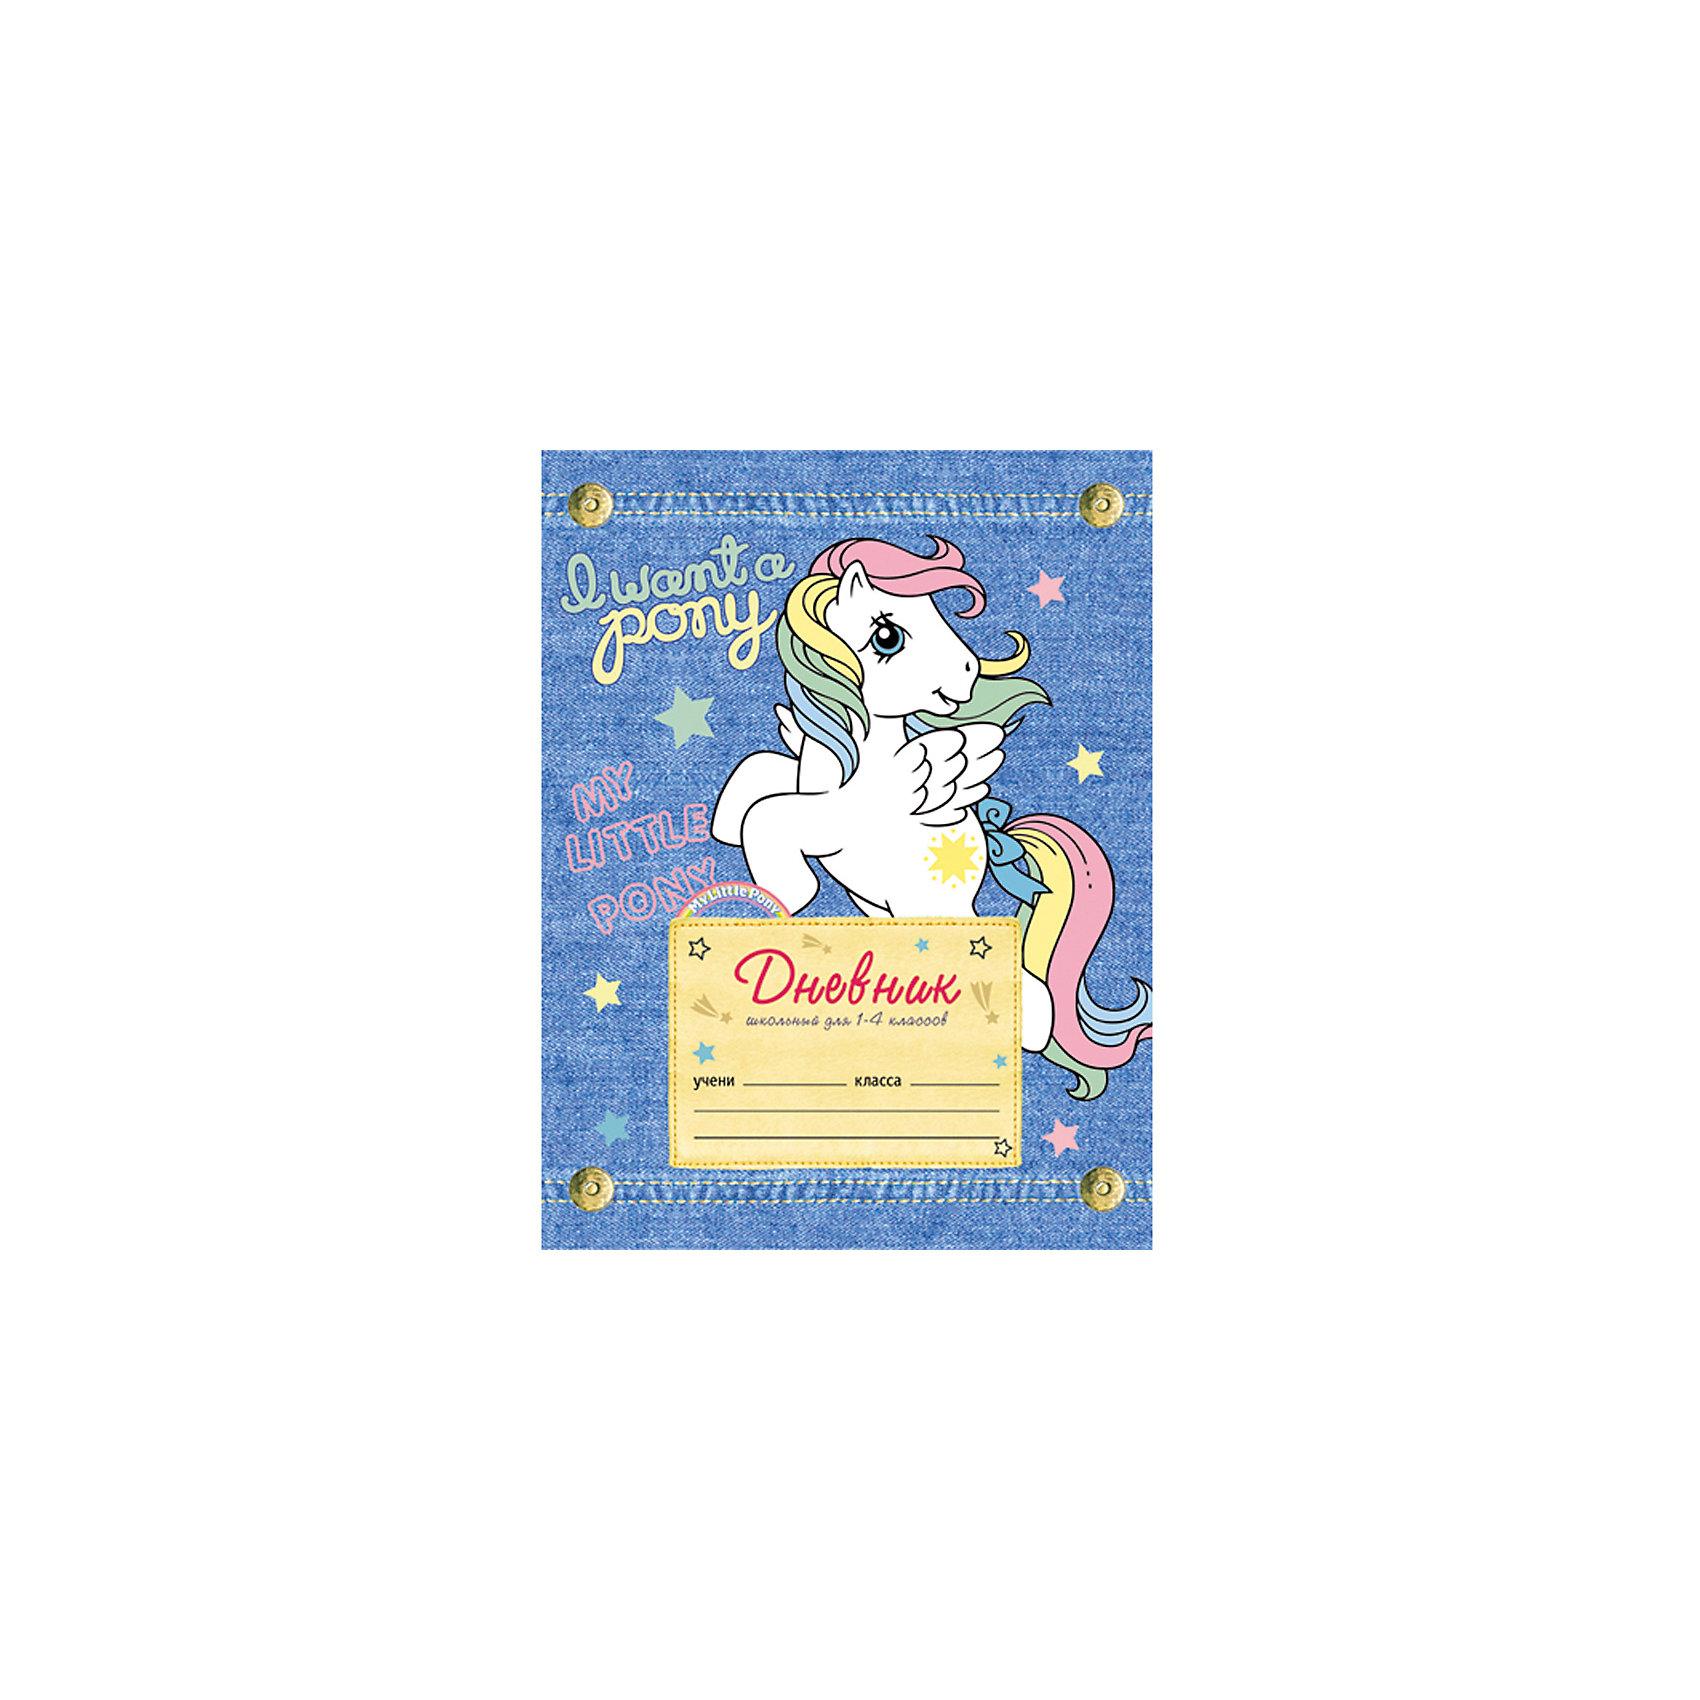 Дневник для младших классов Джинсовый пони, My little PonyДневник для младших классов Джинсовый пони порадует маленькую школьницу своим ярким красочным дизайном, она с удовольствием будет носить его каждый день на школьные занятия. У дневника бумага высокого качества и твёрдая разноцветная обложка, украшенная  изображением пони.<br><br>Дополнительная информация:<br><br>- Количество листов: 48<br>- Обложка: 7БЦ, матовая ламинация, выборочный лак, блестки перламутр<br>- Бумага: офсет 70 г/м2, полноцветная печать<br>- Размер: 212 х 168 х 7 мм.<br>- Вес: 215 гр.<br><br>Дневник для младших классов Джинсовый пони, My little Pony (Мой маленький Пони) можно купить в нашем интернет-магазине.<br><br>Ширина мм: 212<br>Глубина мм: 168<br>Высота мм: 7<br>Вес г: 215<br>Возраст от месяцев: 72<br>Возраст до месяцев: 108<br>Пол: Женский<br>Возраст: Детский<br>SKU: 4067765